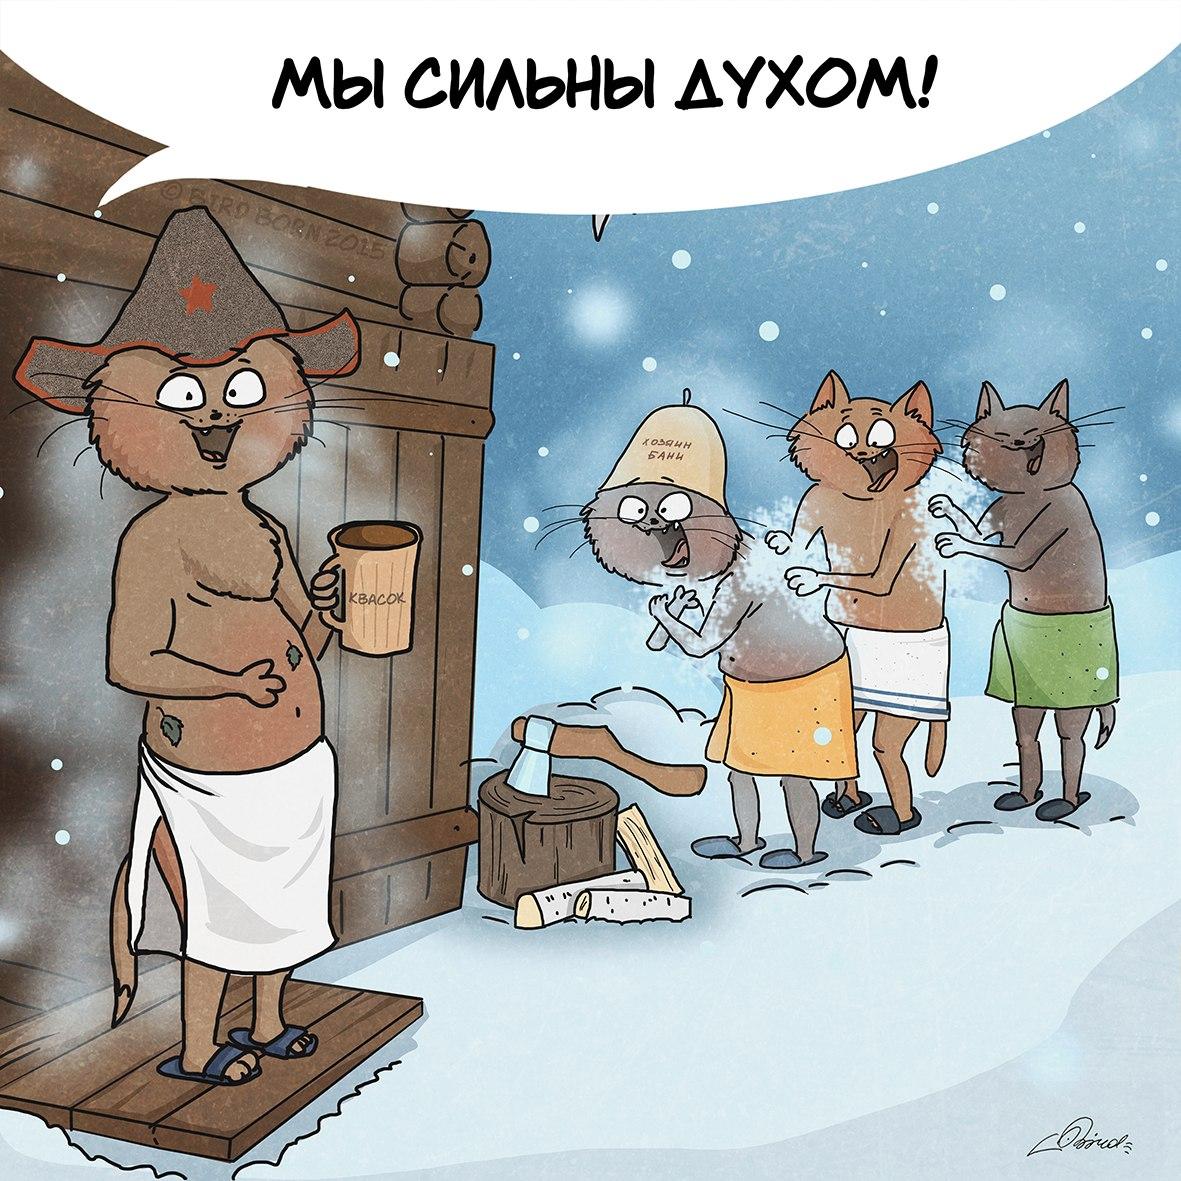 Приколы про русских в картинках, картинках